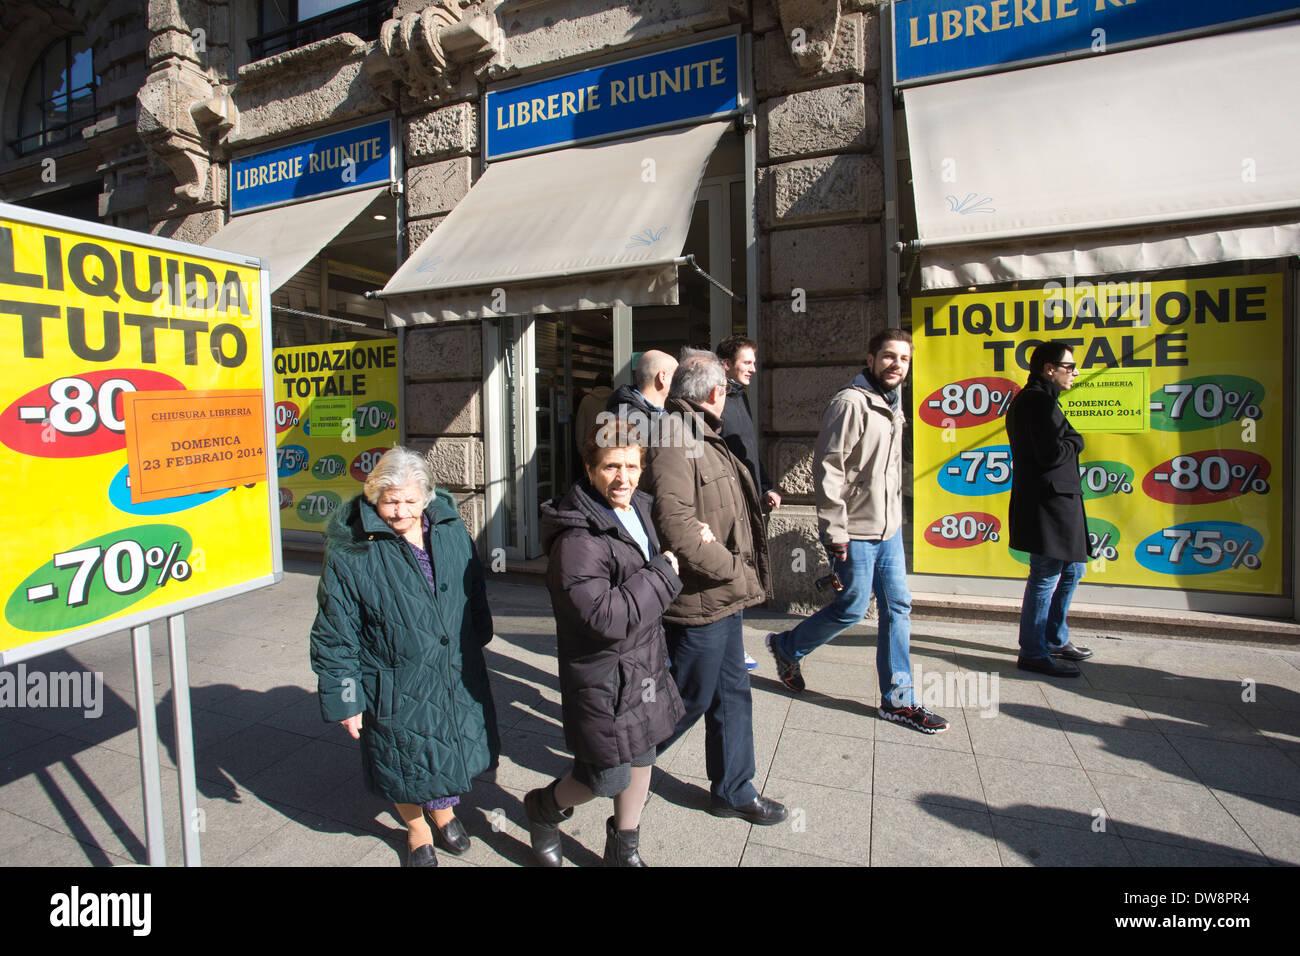 Liberie Riunite, formerly library via Dante bookstore in liquidation (closing down), Via Dante, Centro Storico, Milano, ITALY - Stock Image